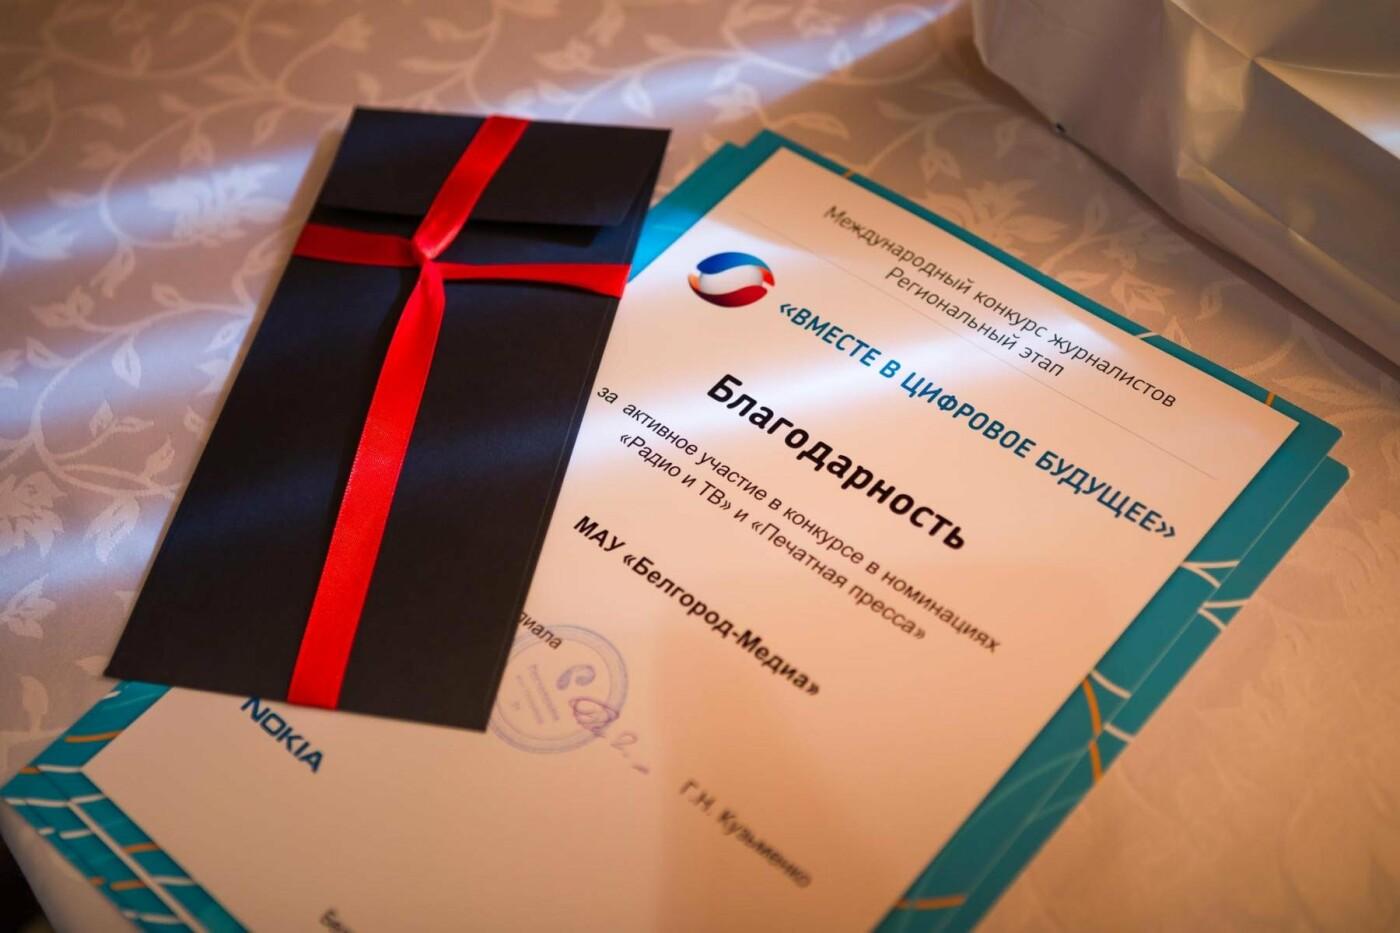 Лучшие журналисты ЦФО получили награды от «Ростелекома», фото-1